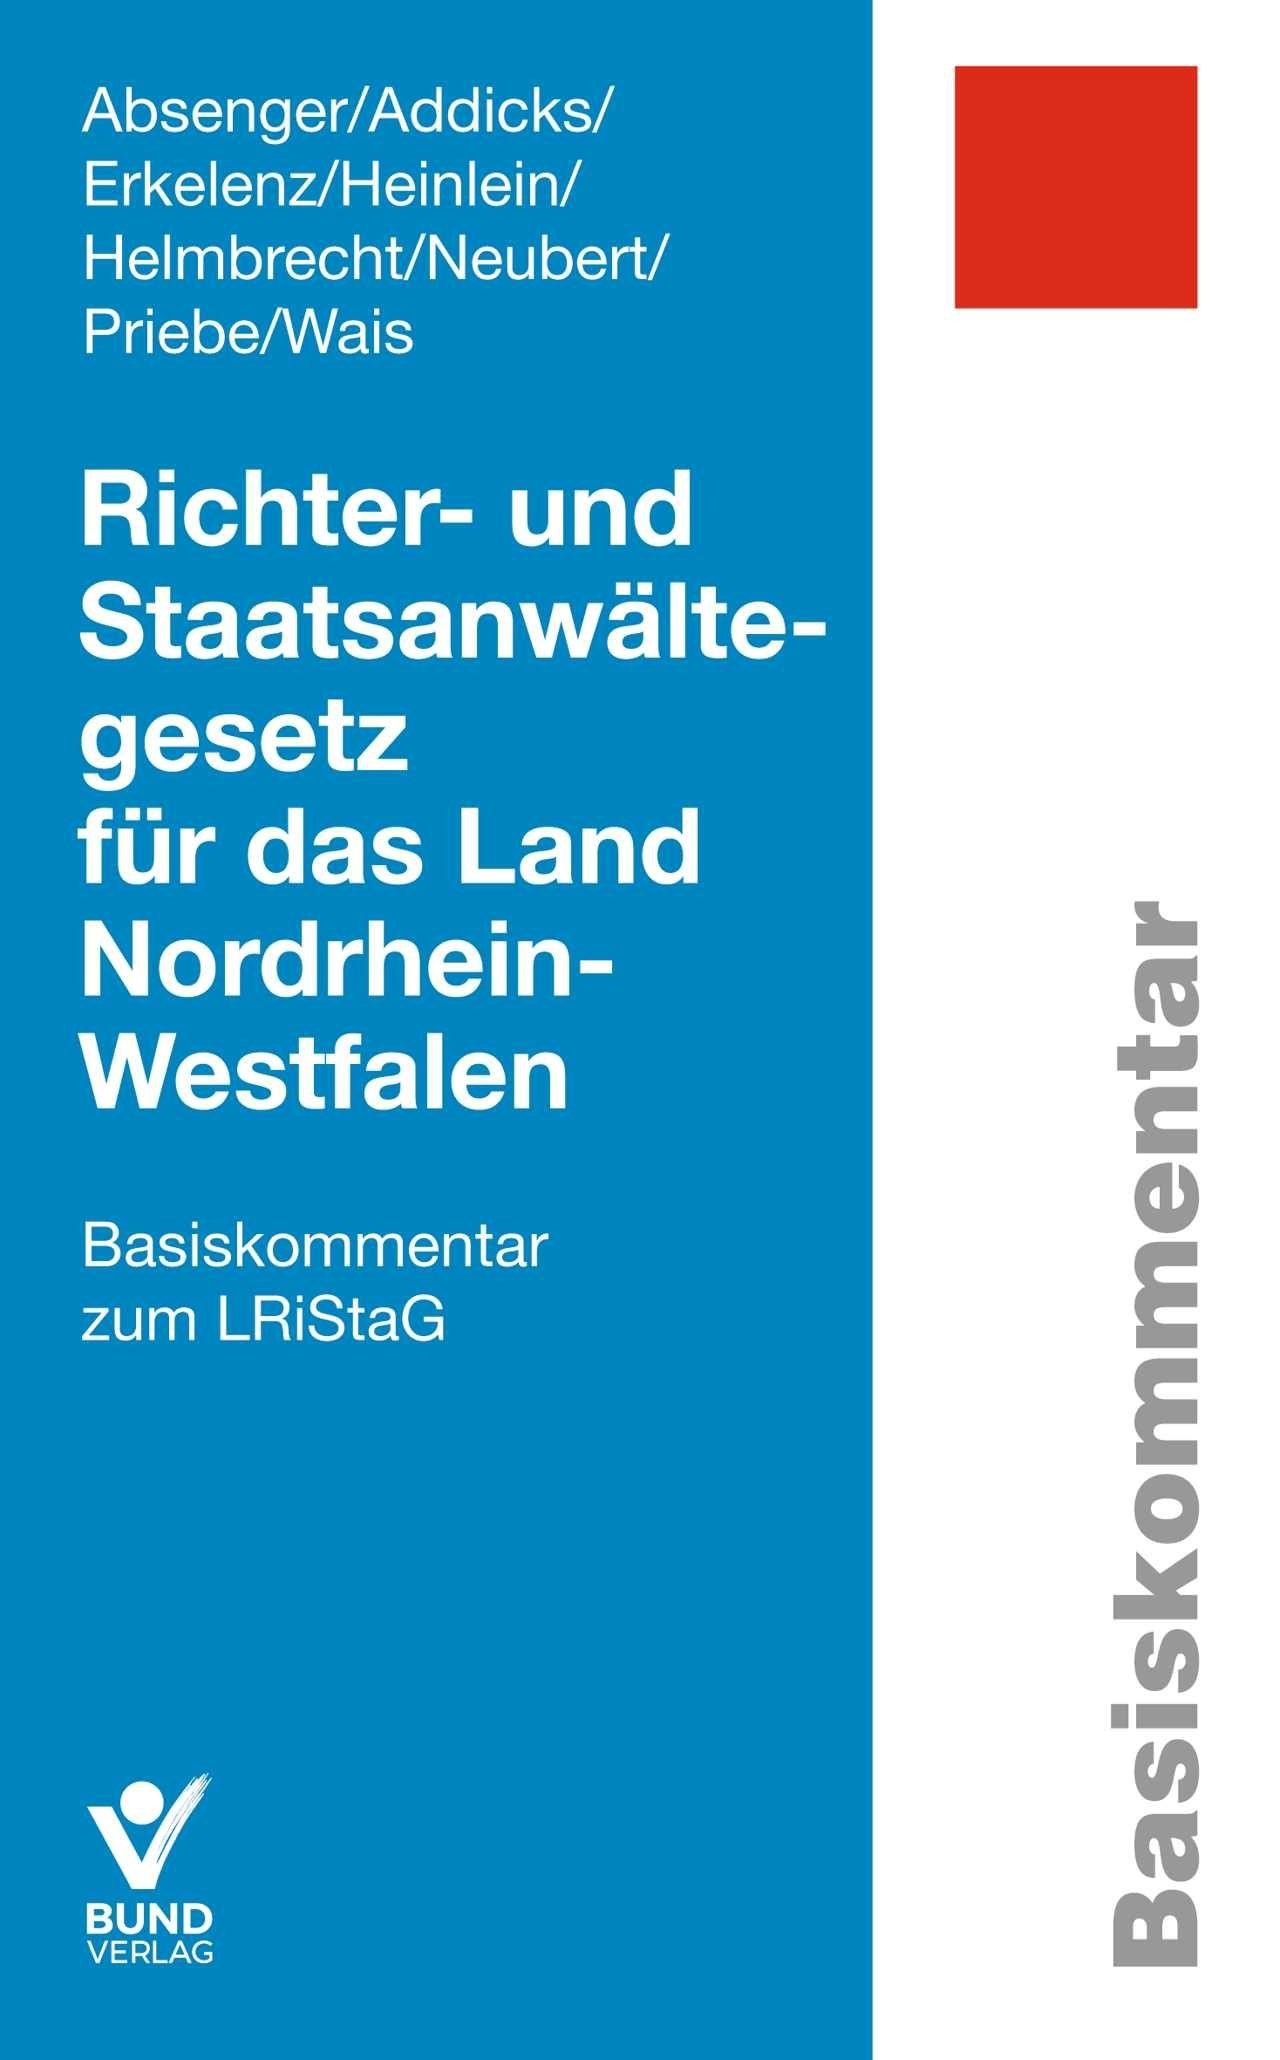 Richter- und Staatsanwältegesetz für das Land Nordrhein-Westfalen | Absenger / Addicks / Erkelenz / Heinlein / Helmbrecht / Neubert / Priebe / Wais, 2019 | Buch (Cover)